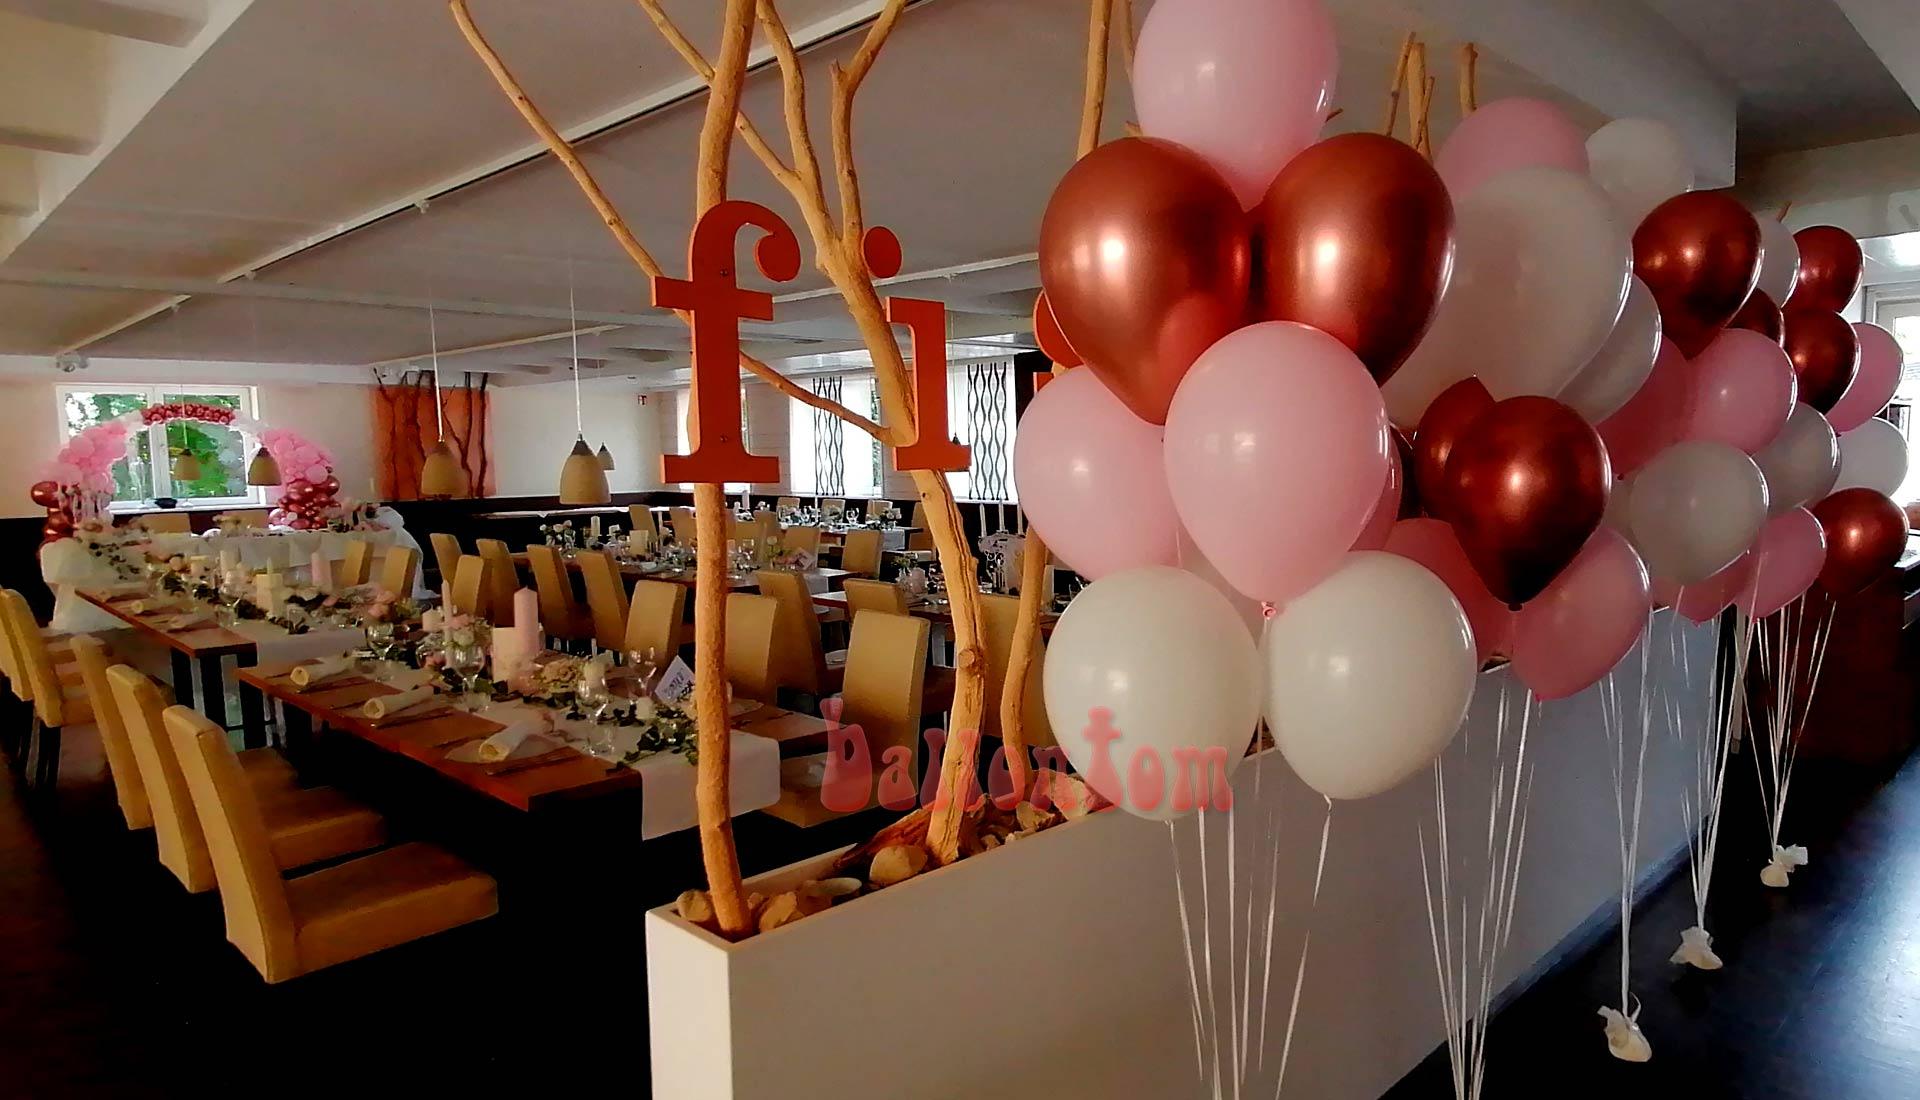 Helliumballons für Ihre Hochzeit